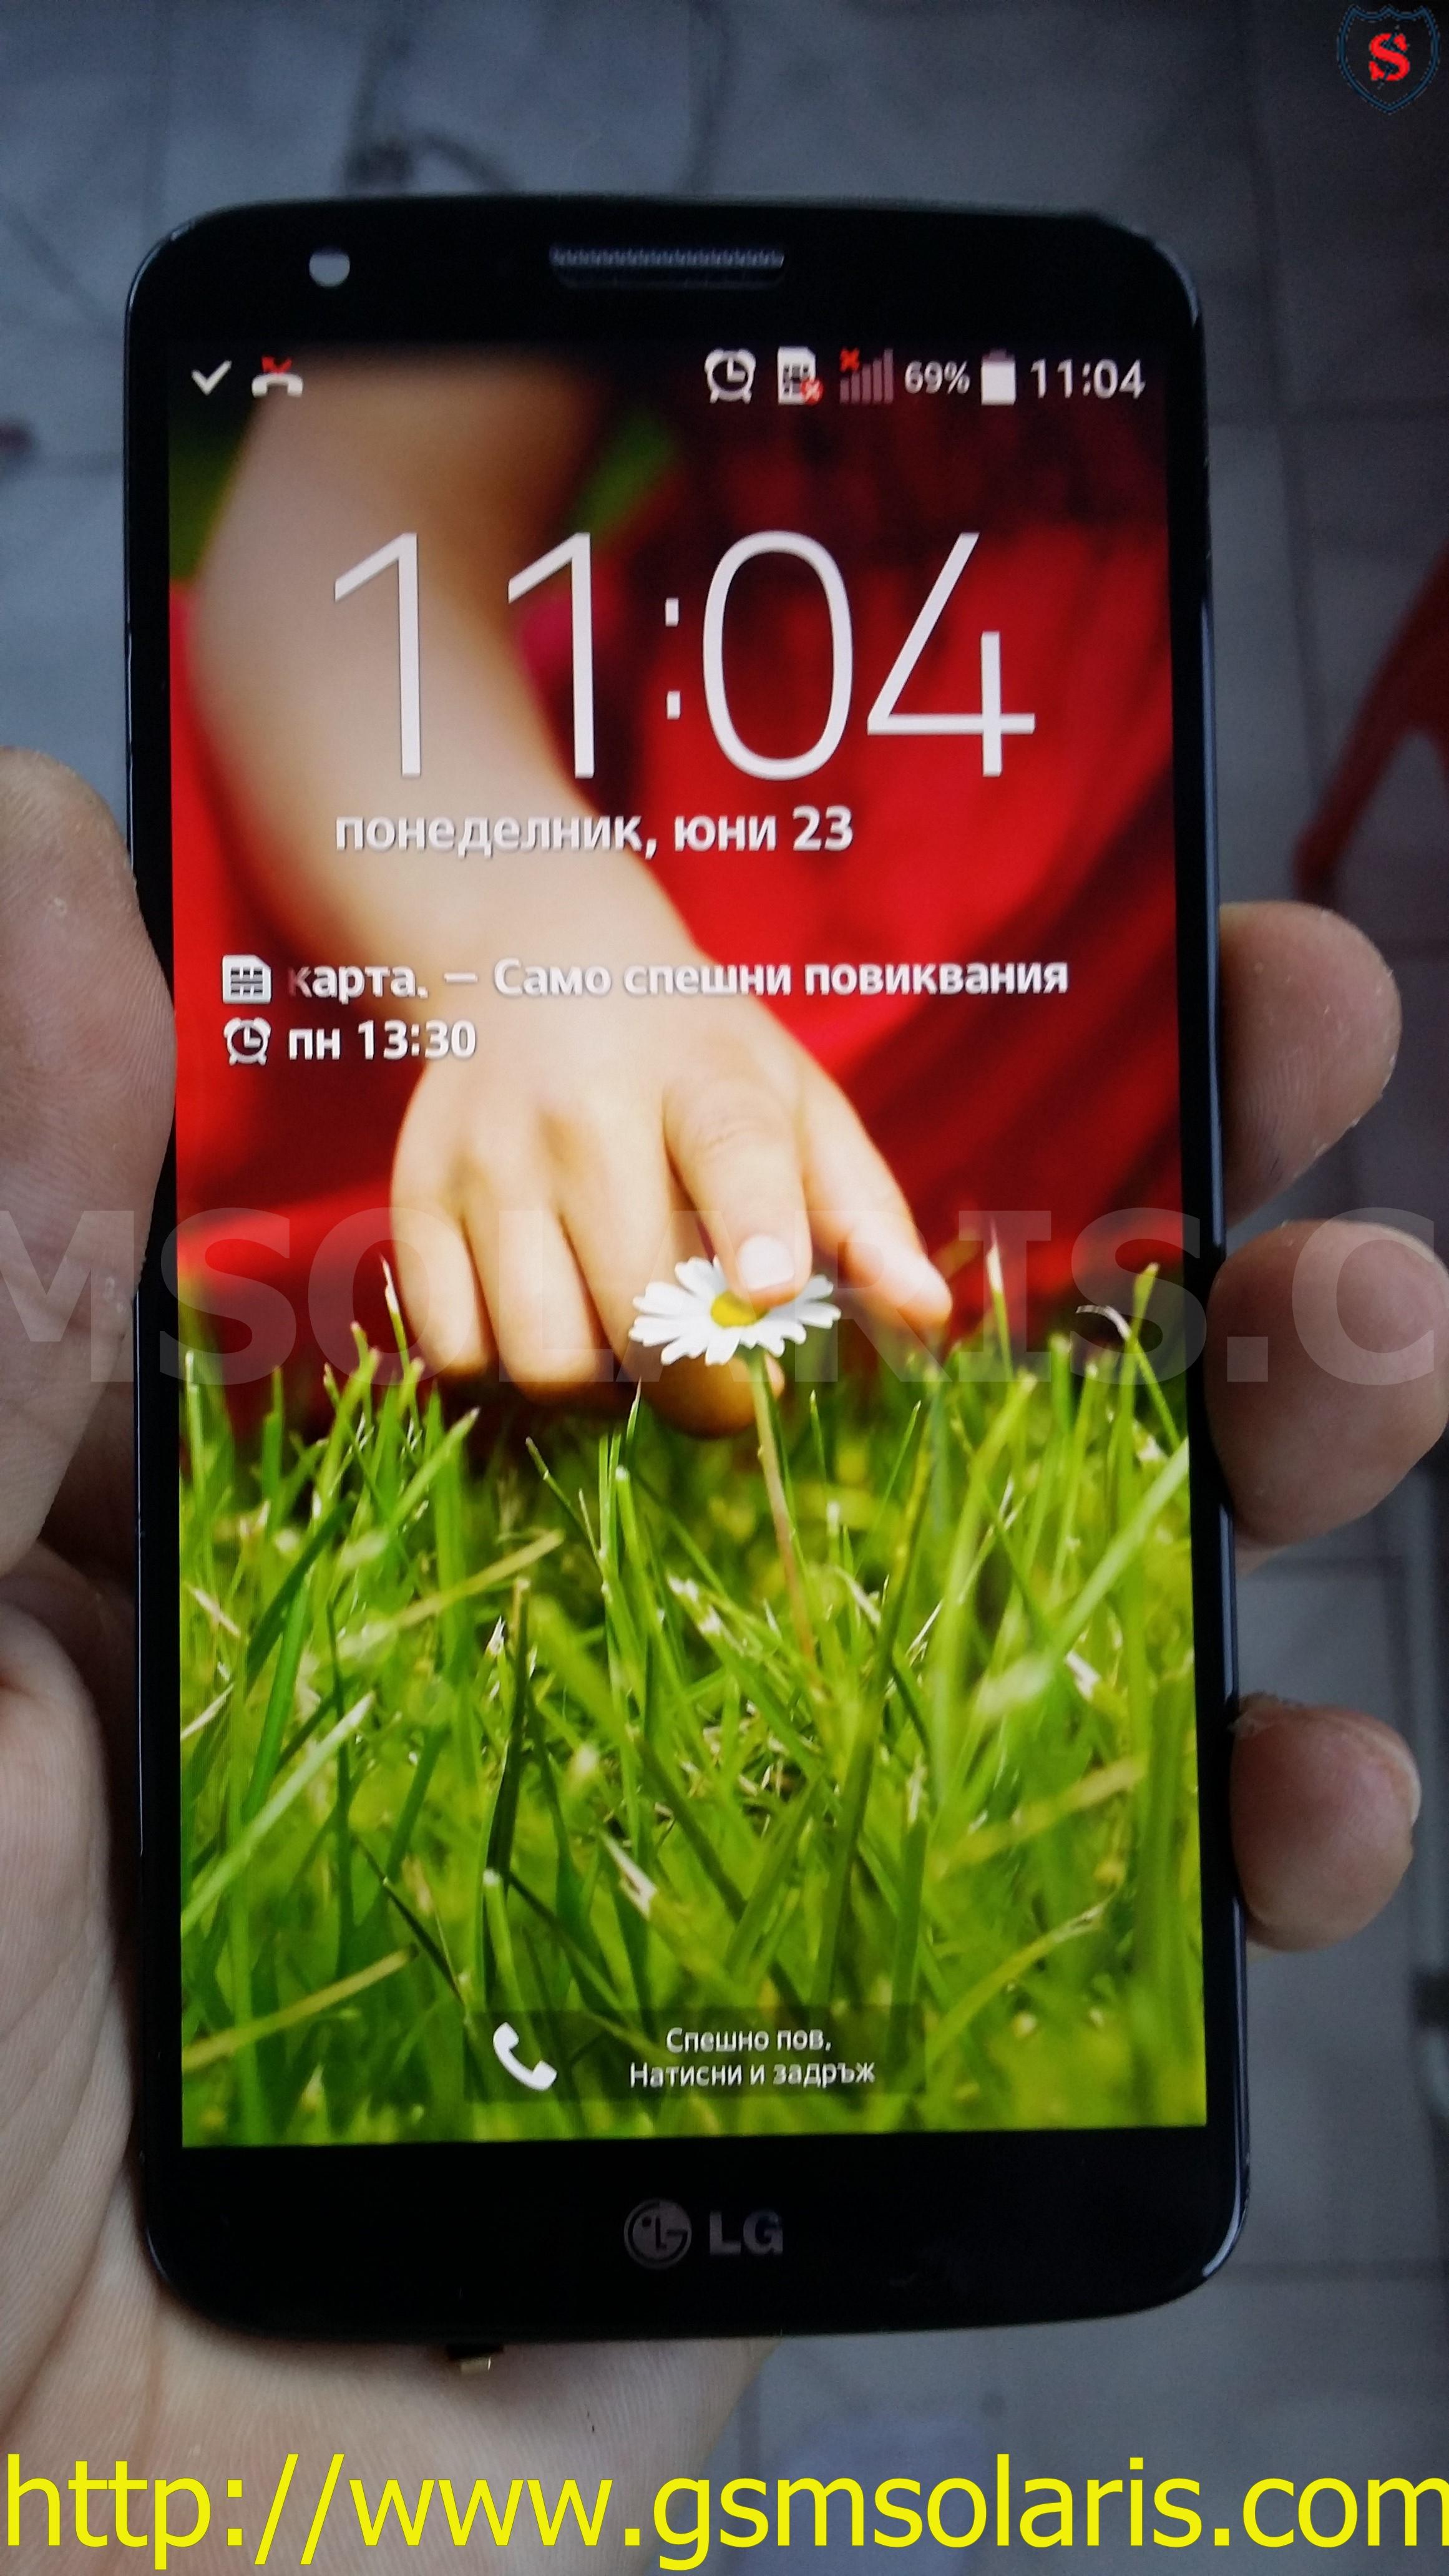 смяна на стъкло и дисплей (7)_new.jpg